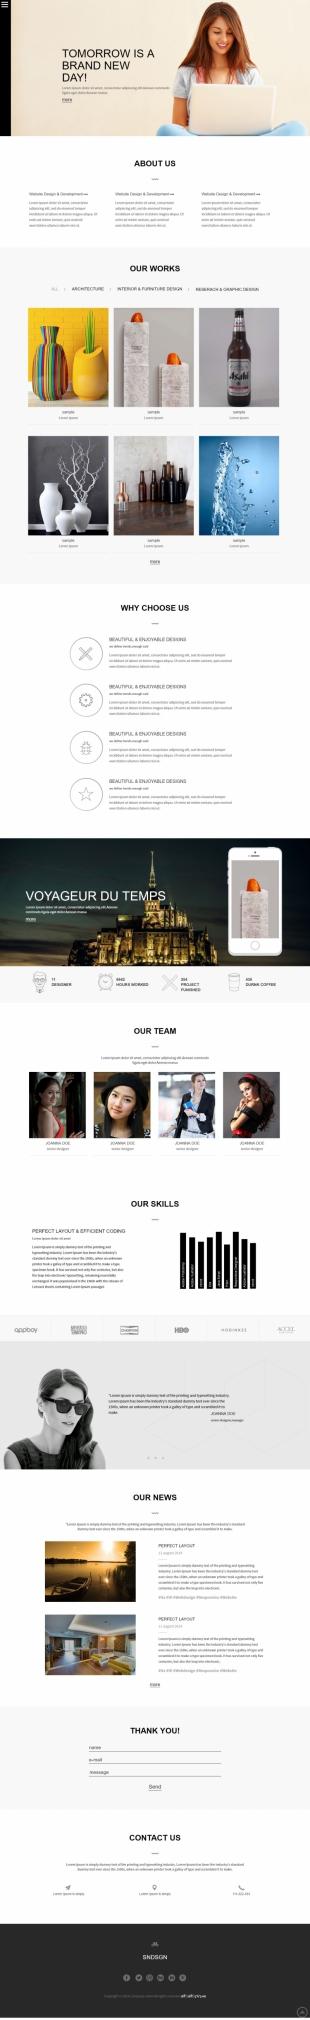 设计公司展示英文模板网站响应式网站电脑图片